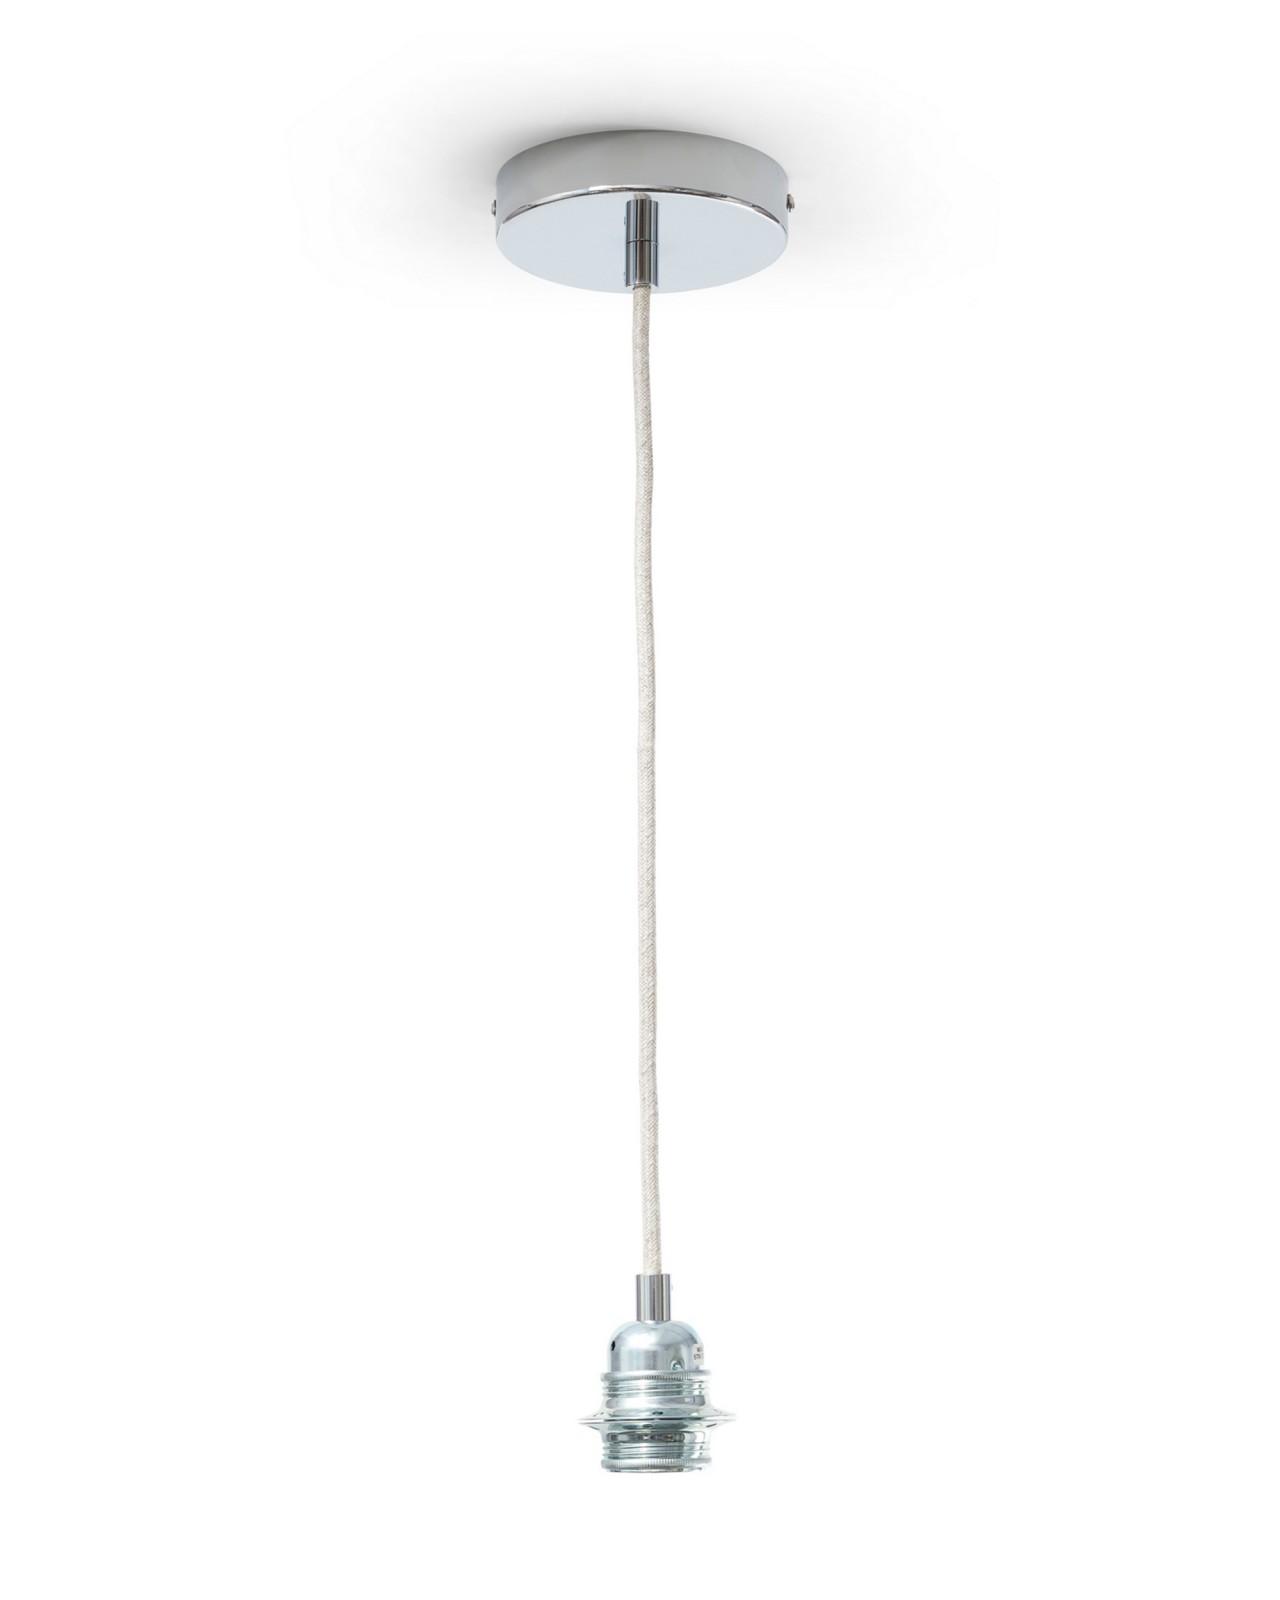 TROPICAL GARDEN Pendant Lamp